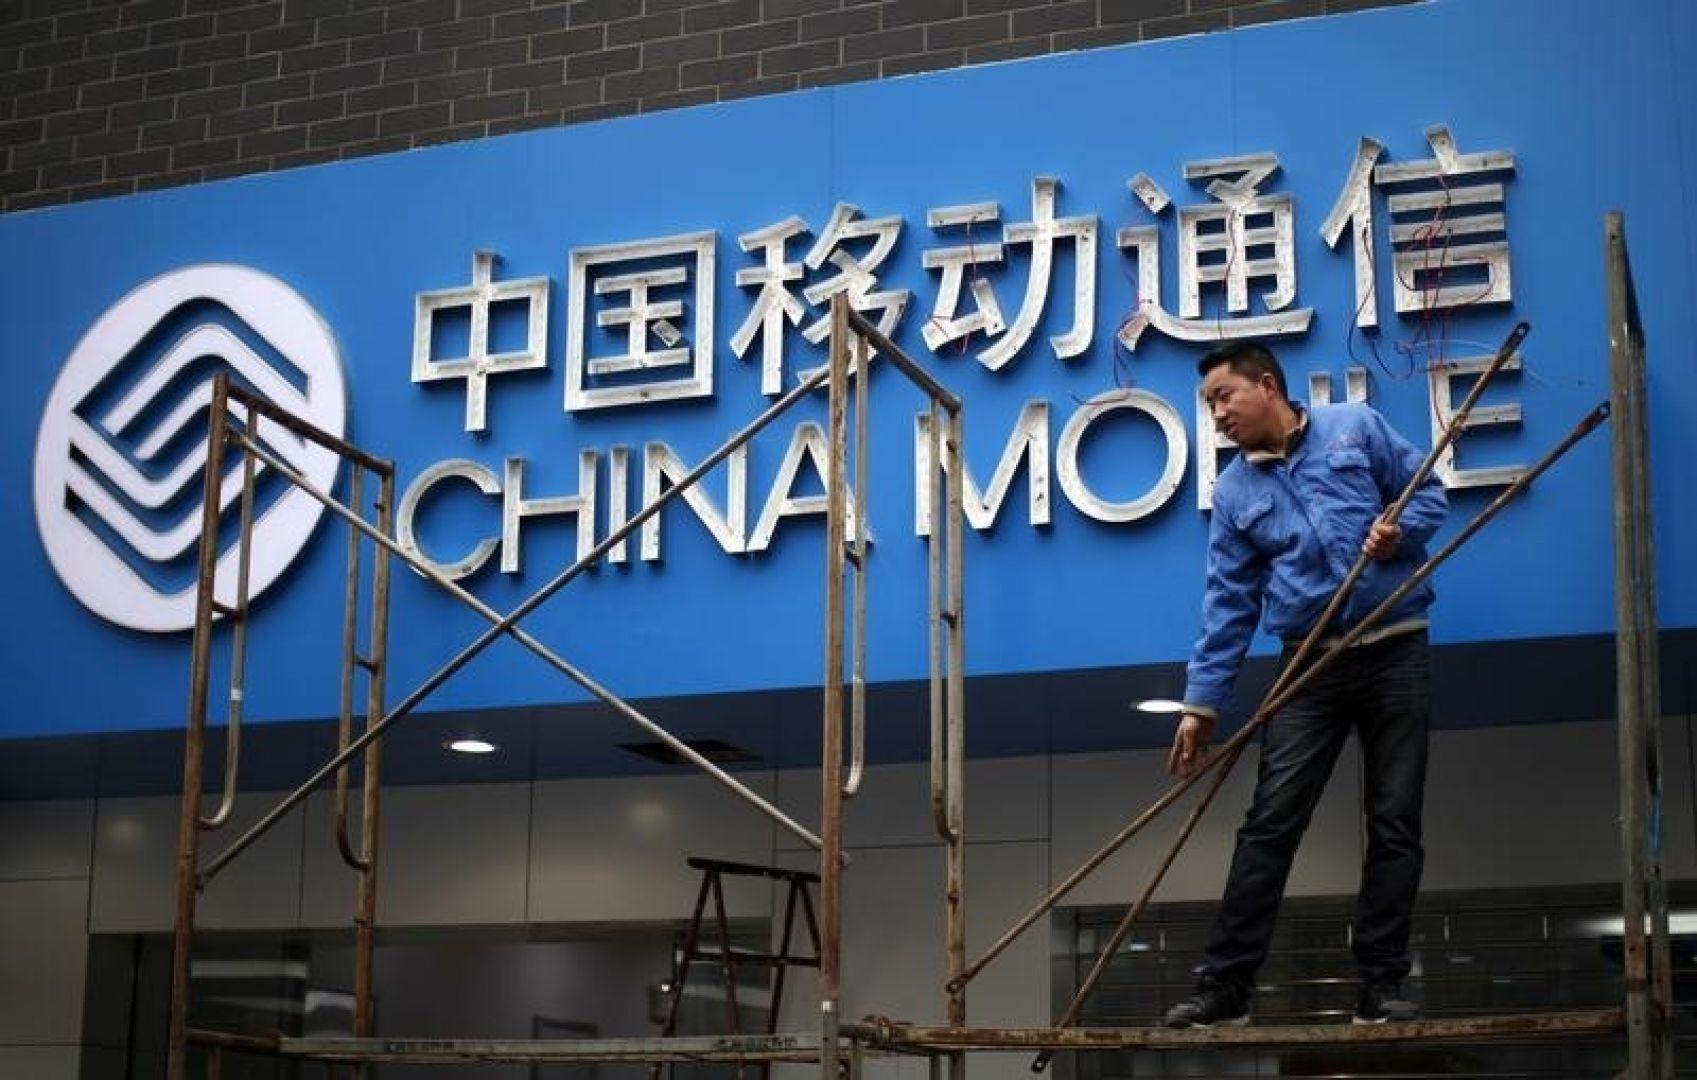 Крупнейший китайский сотовый оператор China Mobile начал работу в России